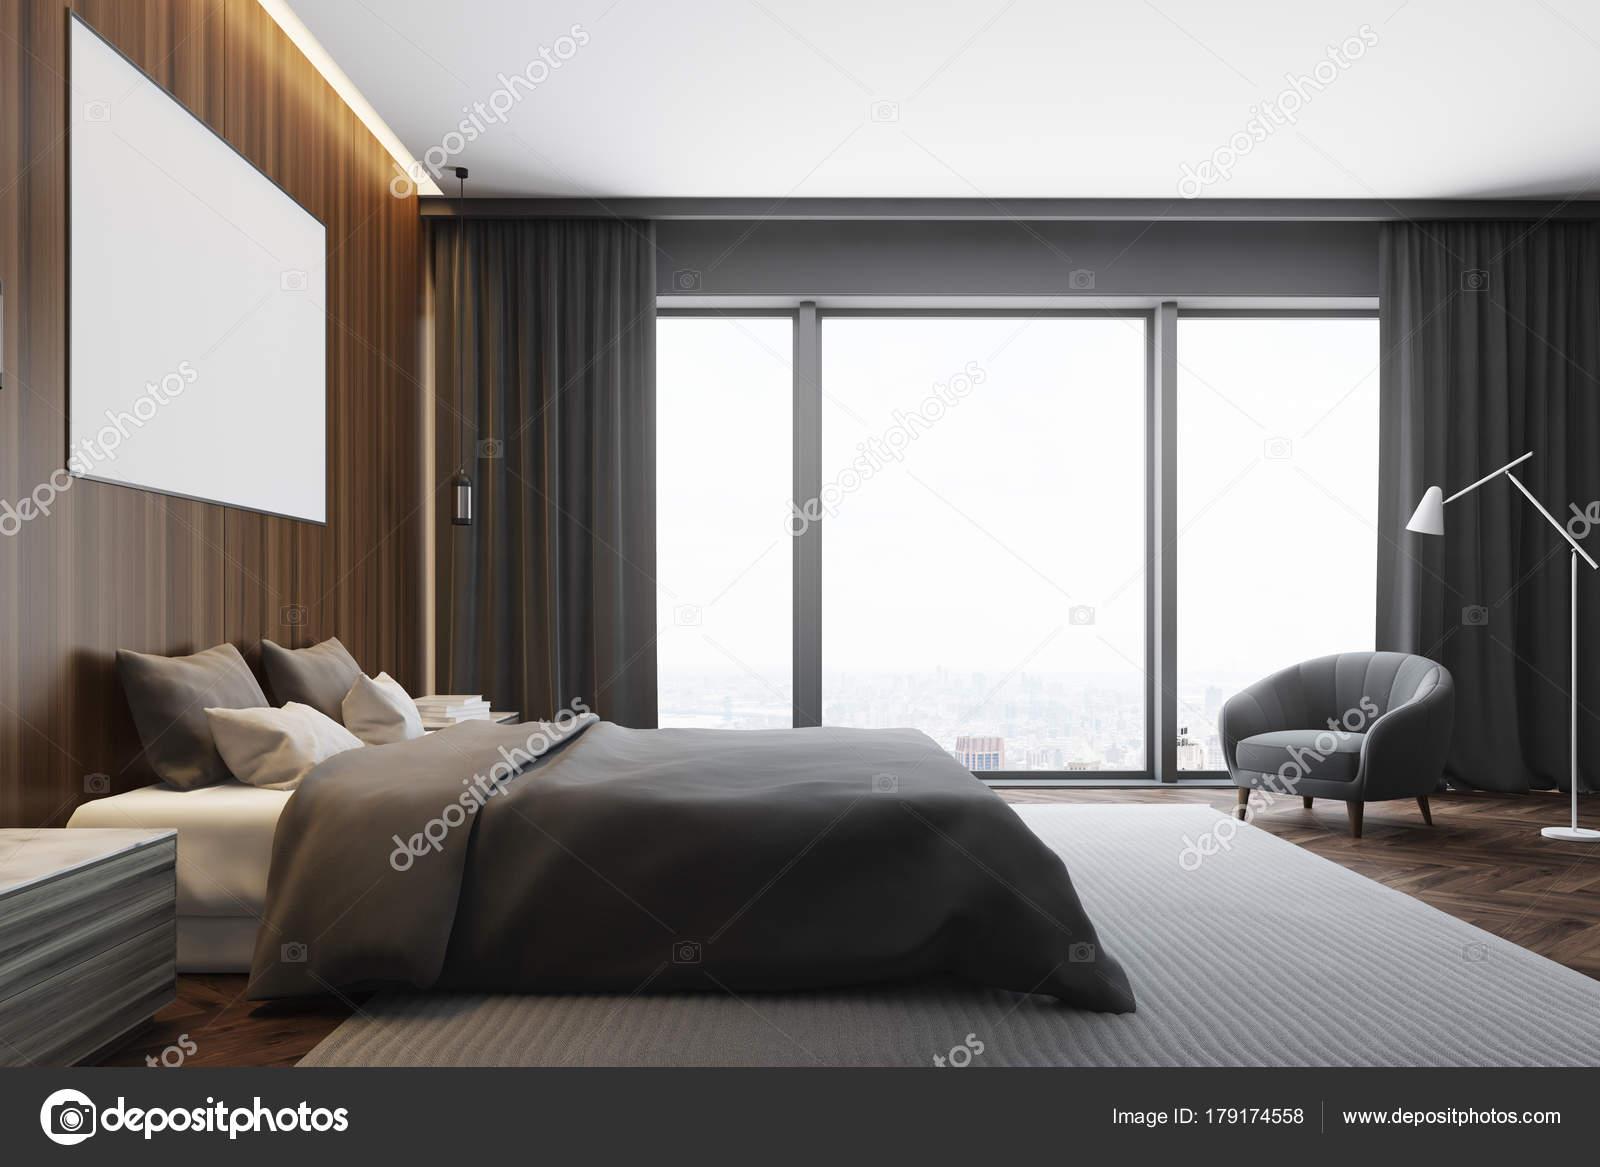 Slaapkamer Donkere Vloer : Donkere houten slaapkamer interieur poster kant u stockfoto